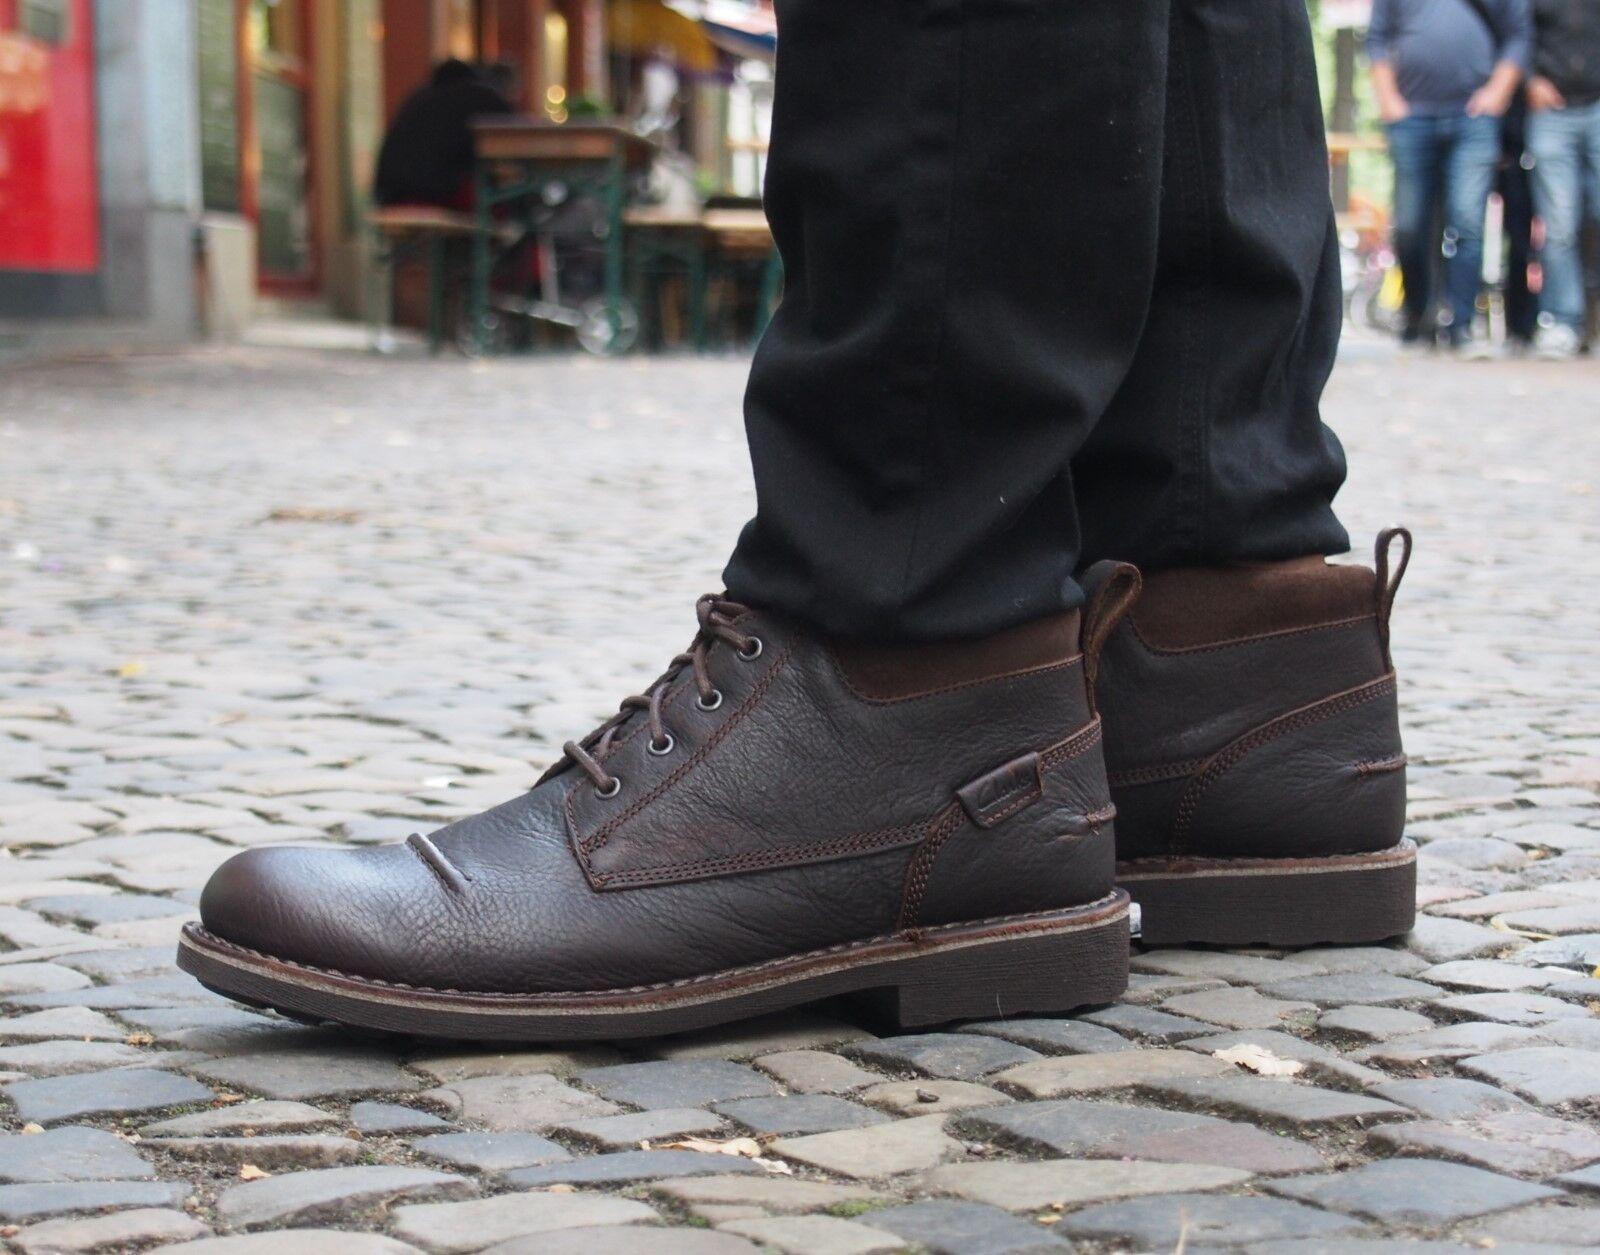 Clarks Originals Schuh Lawes Top brown Echtleder Herrenschuh Schnürboot neu SALE